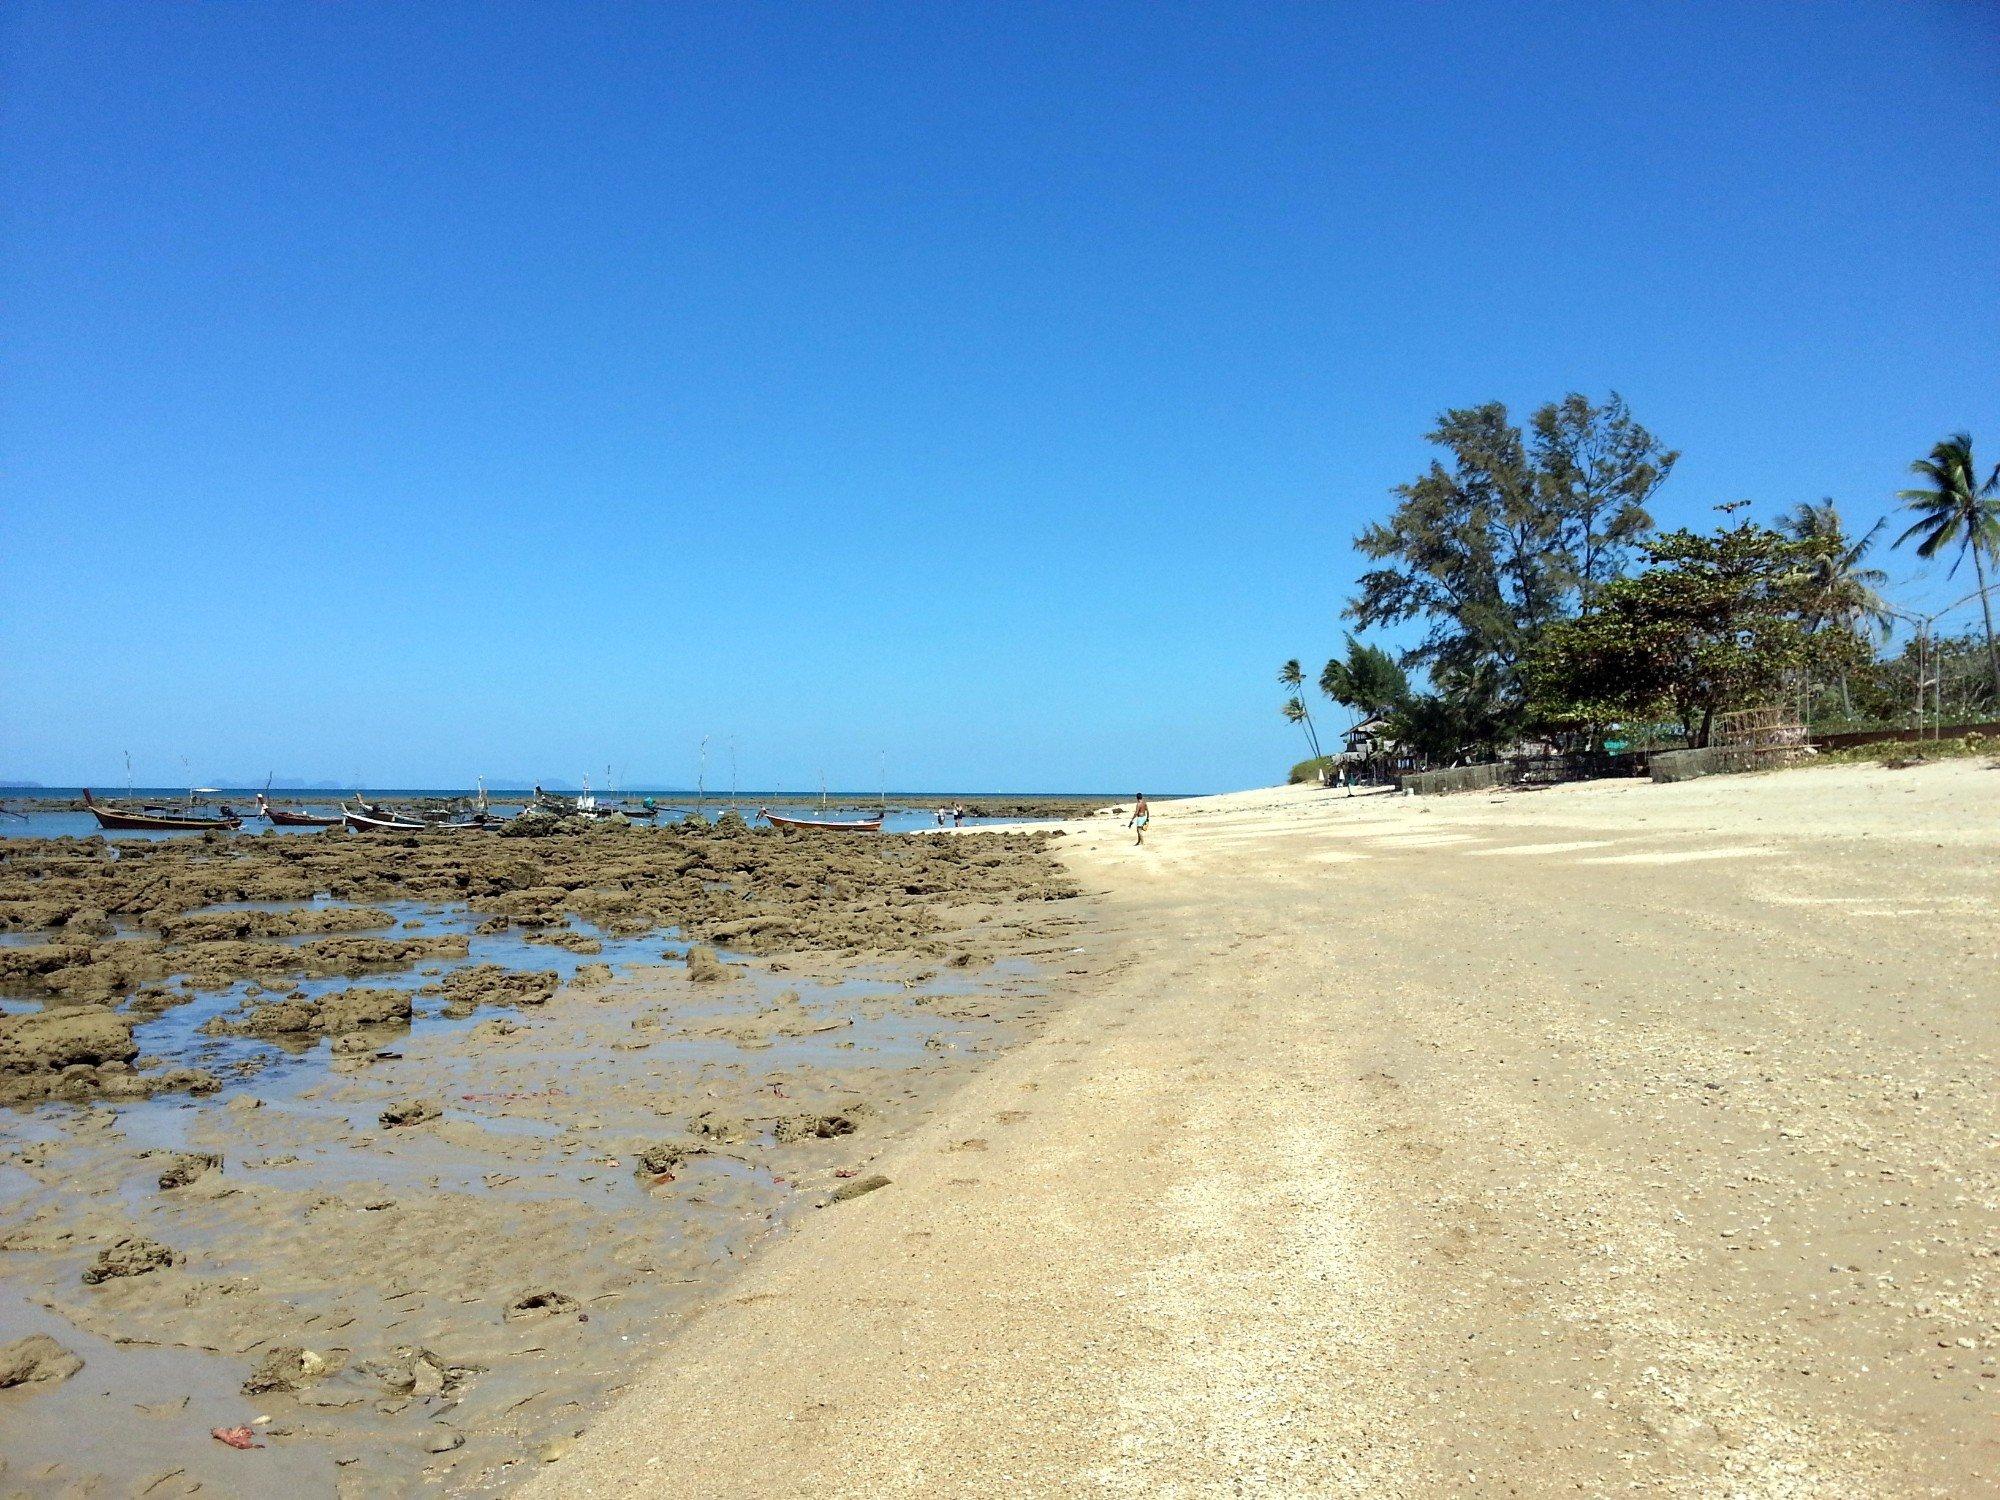 Southern end of Klong Khong Beach